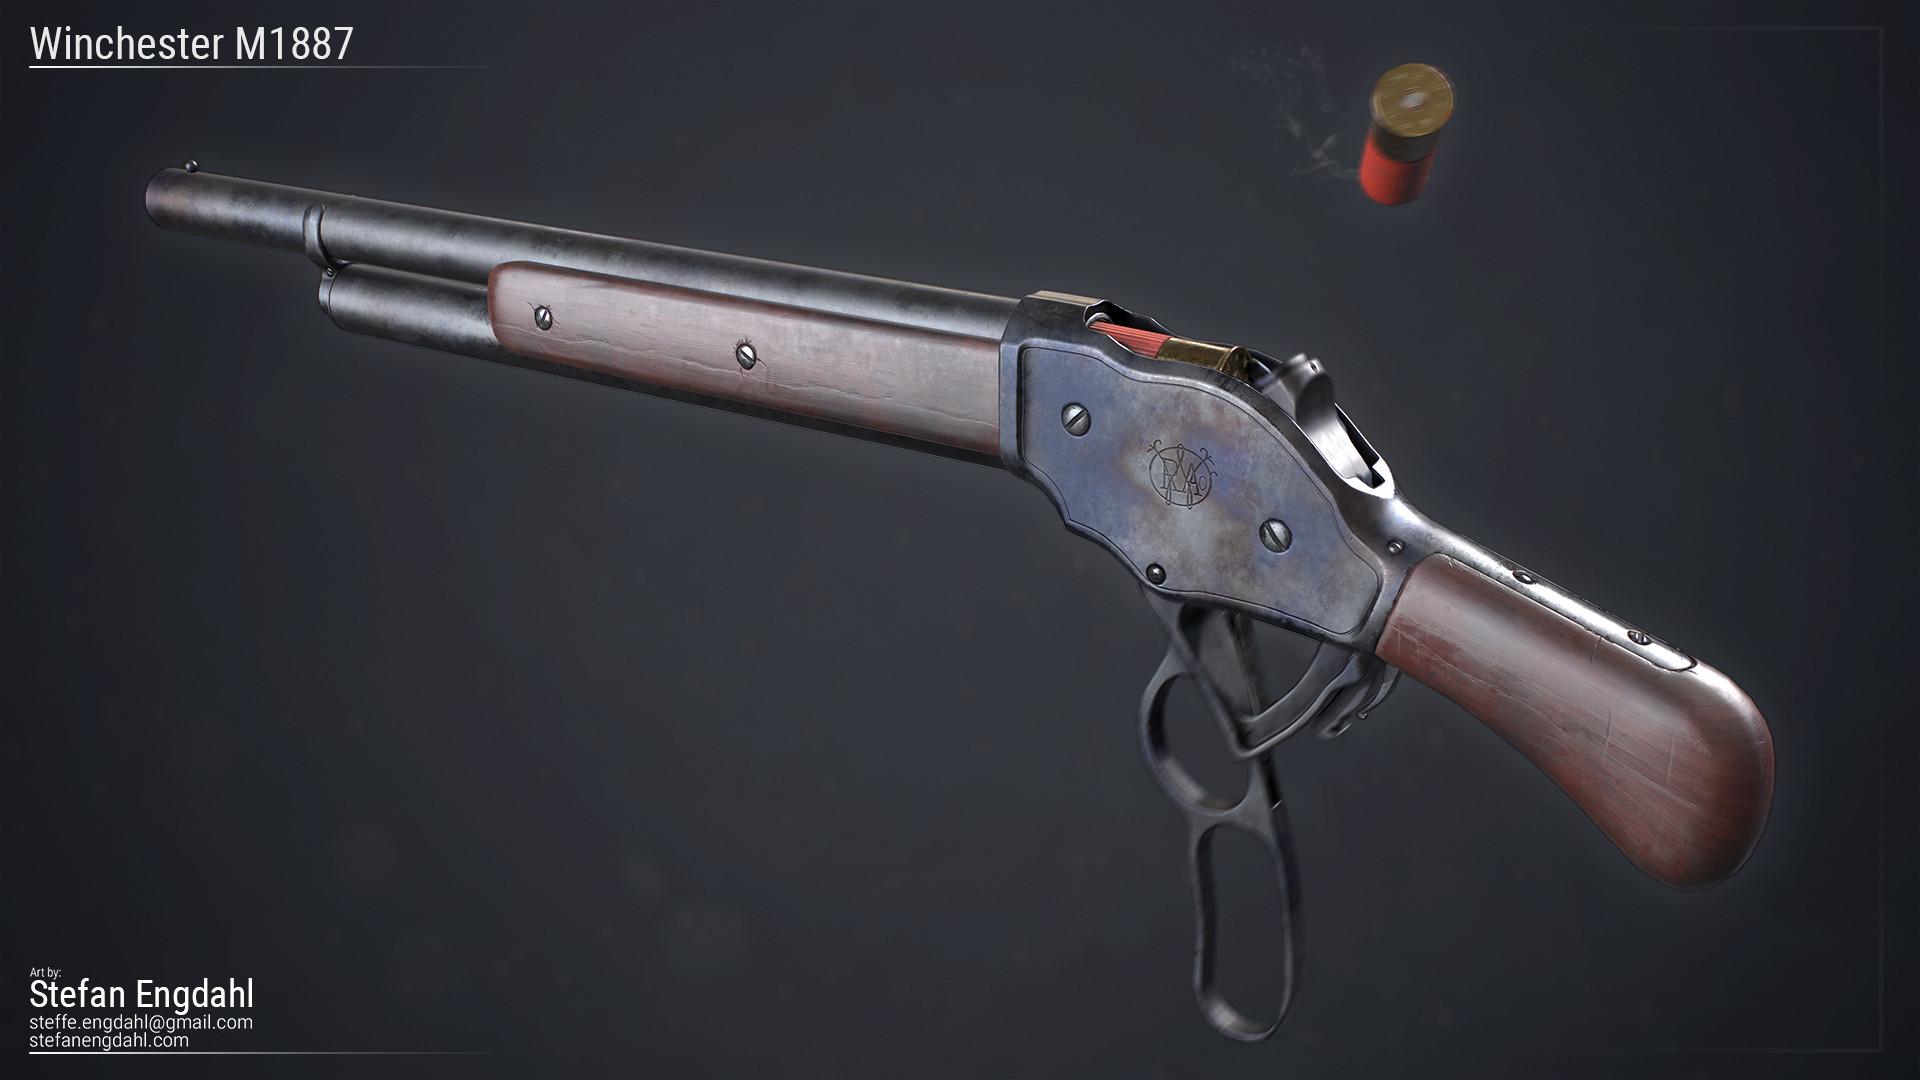 ArtStation - Winchester M1887, Stefan Engdahl